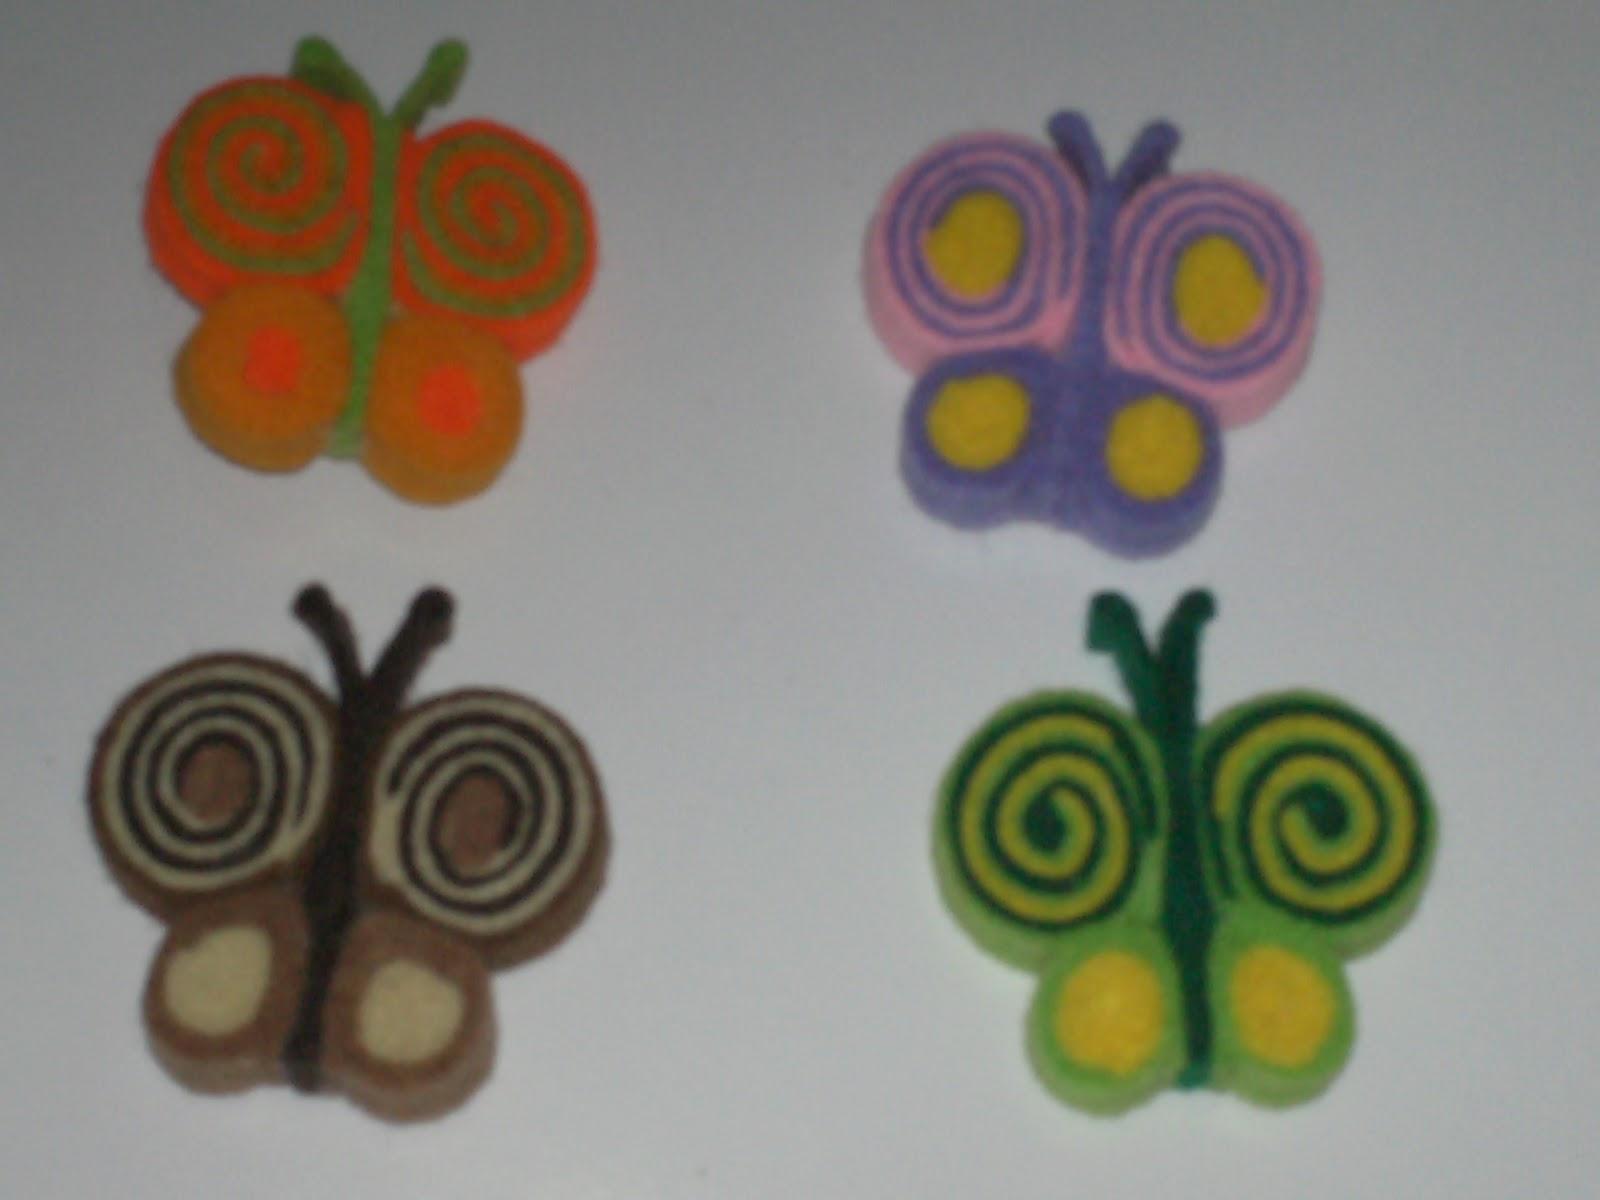 Bros KUpu-kuPu lucu dan imut ini terbuat dari kain flanel warna warni